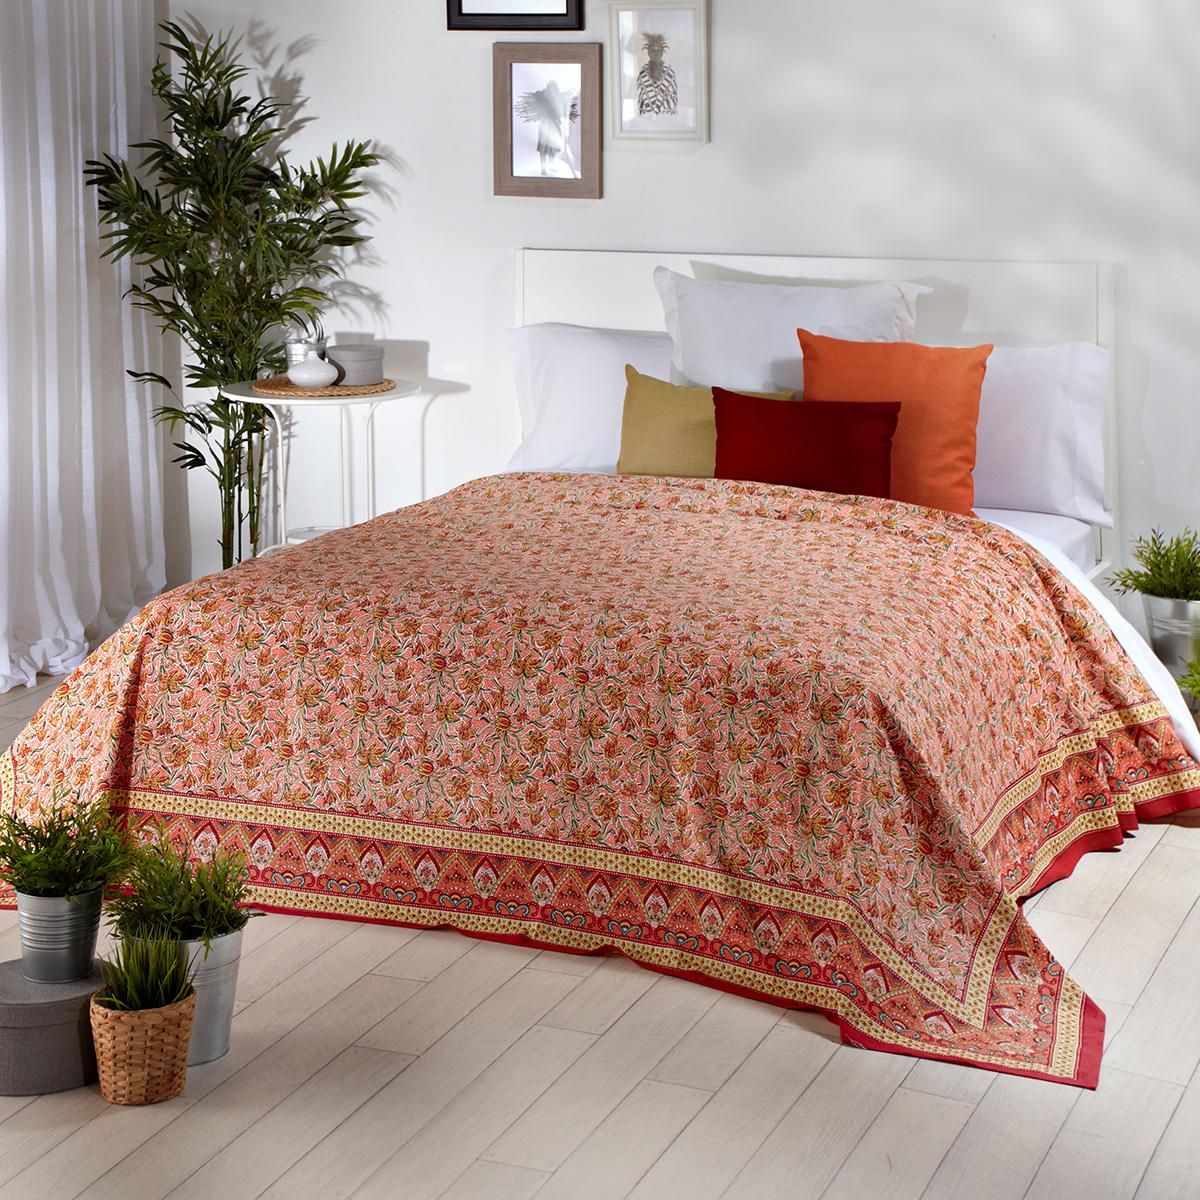 Foulard Para sofas Etdg Prar Foulard Multiusos Estampado Naranja Barato Foulard